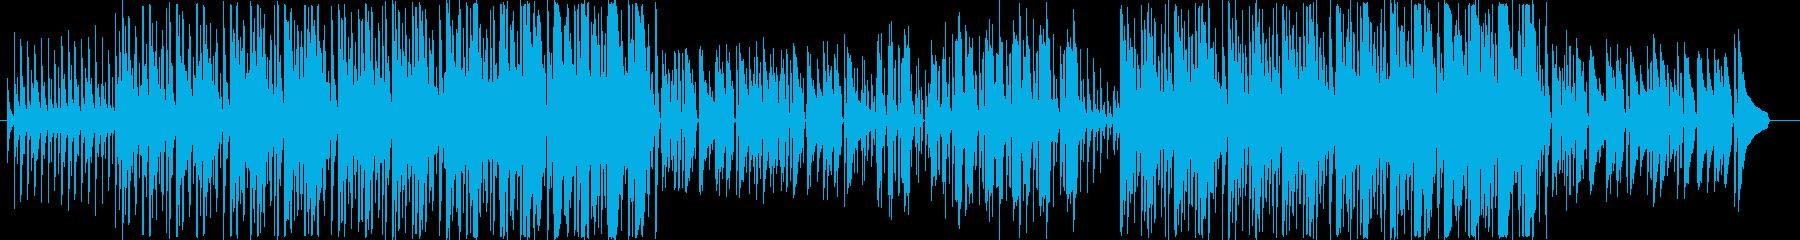 とてもほのぼのとした楽曲です。生楽器が…の再生済みの波形